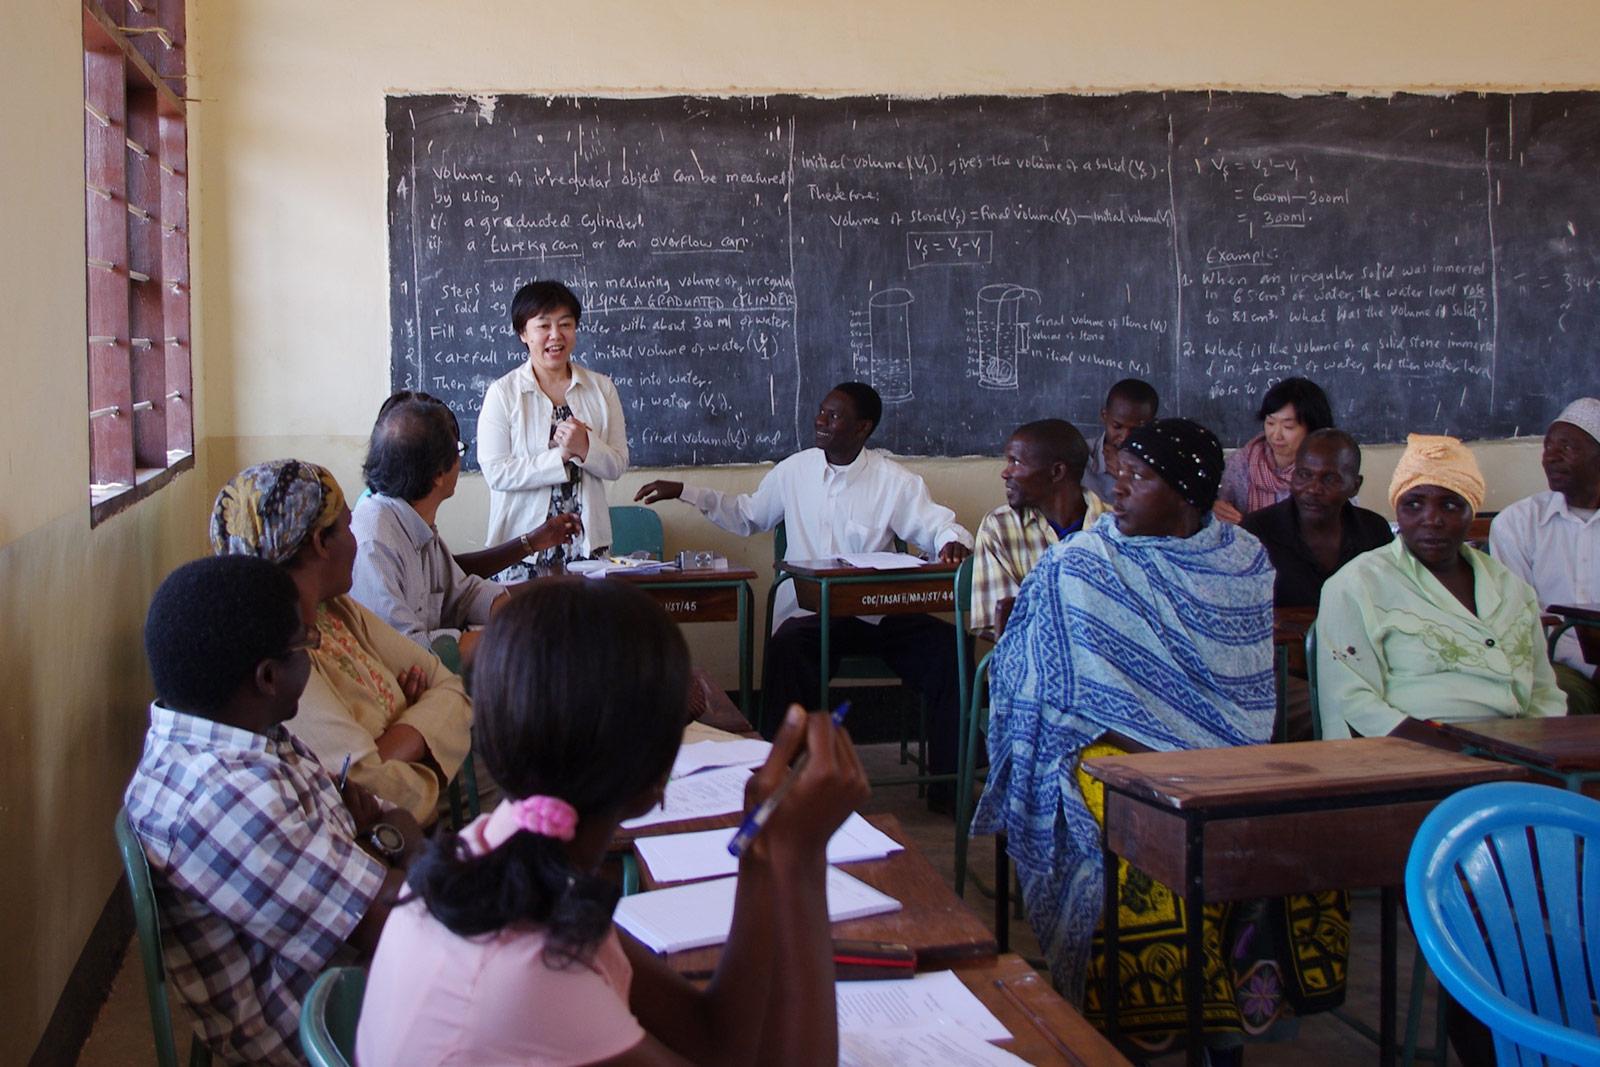 2014年 タンザニアのドドマ村落でのワークショップ